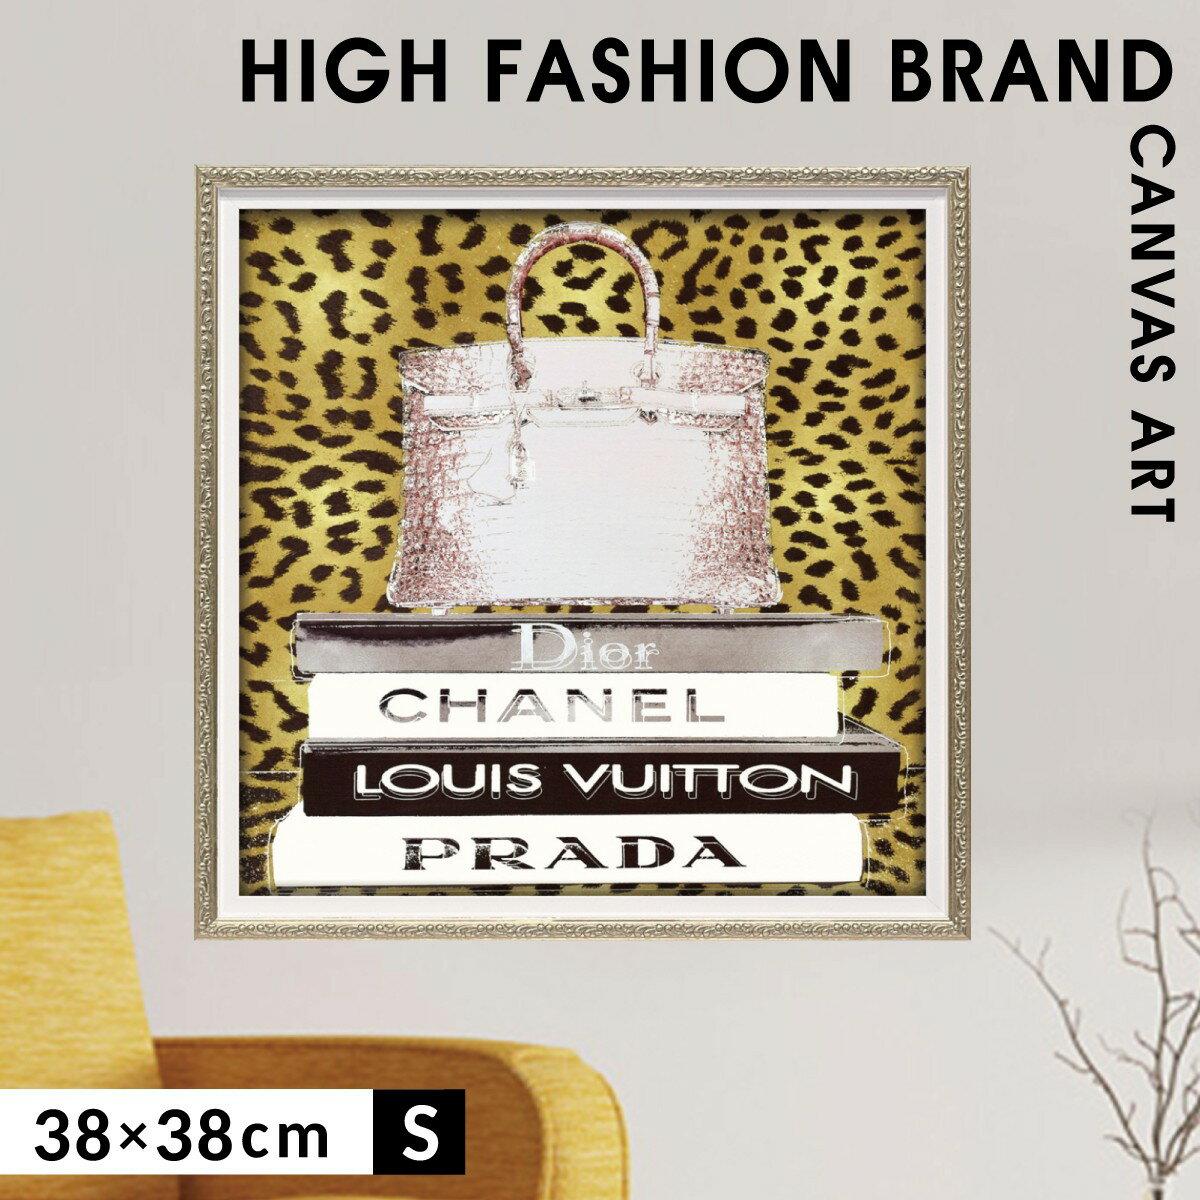 壁紙・装飾フィルム, アートパネル・アートボード  CHANEL LOUIS VUITTON PRADA Dior 3 S ...